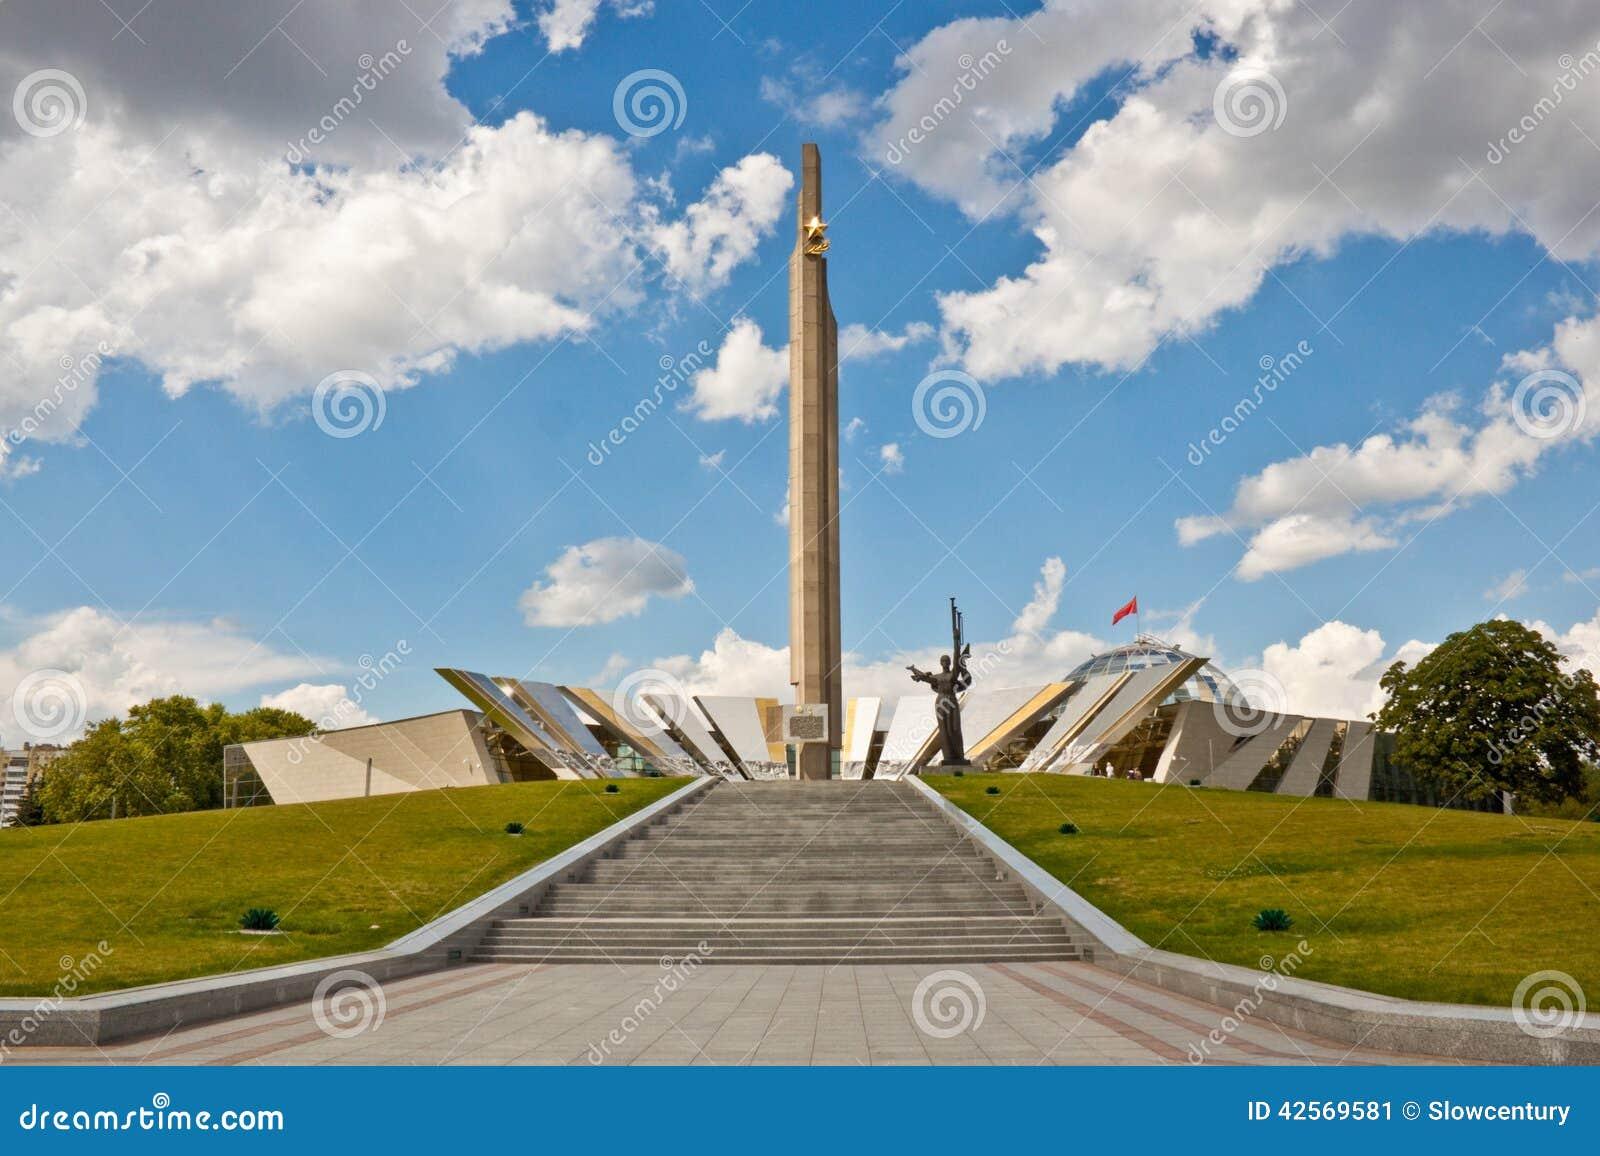 Download Obelisk Hero city Minsk stock image. Image of minsk, center - 42569581